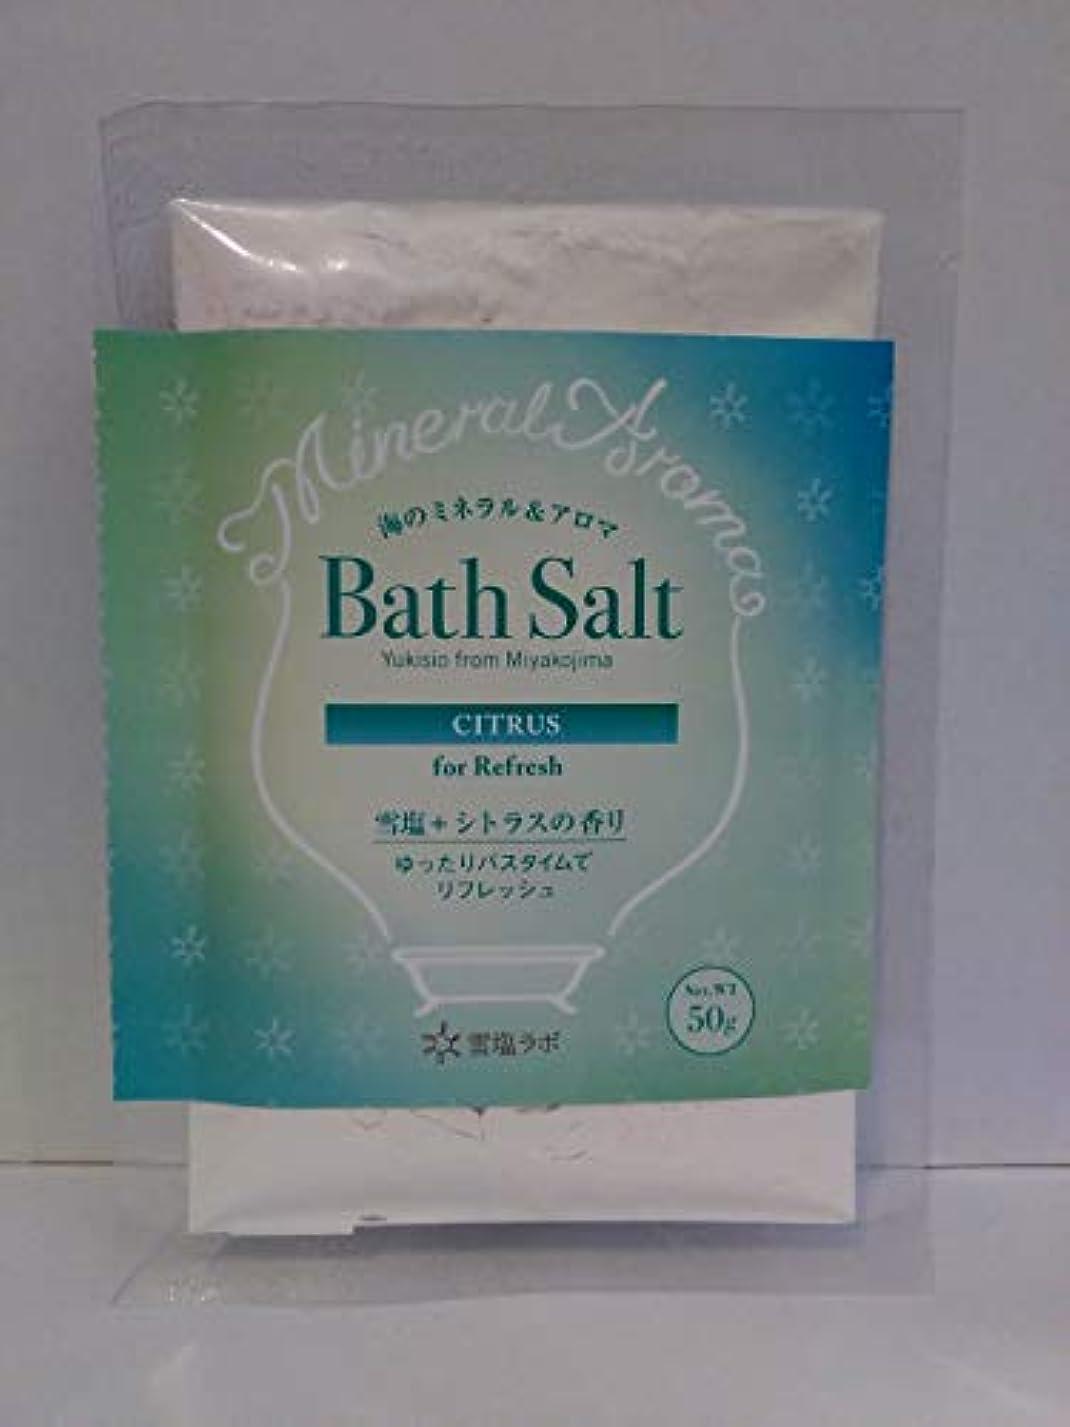 教えて投げ捨てる批判的海のミネラル&アロマ Bath Salt 雪塩+シトラスの香り